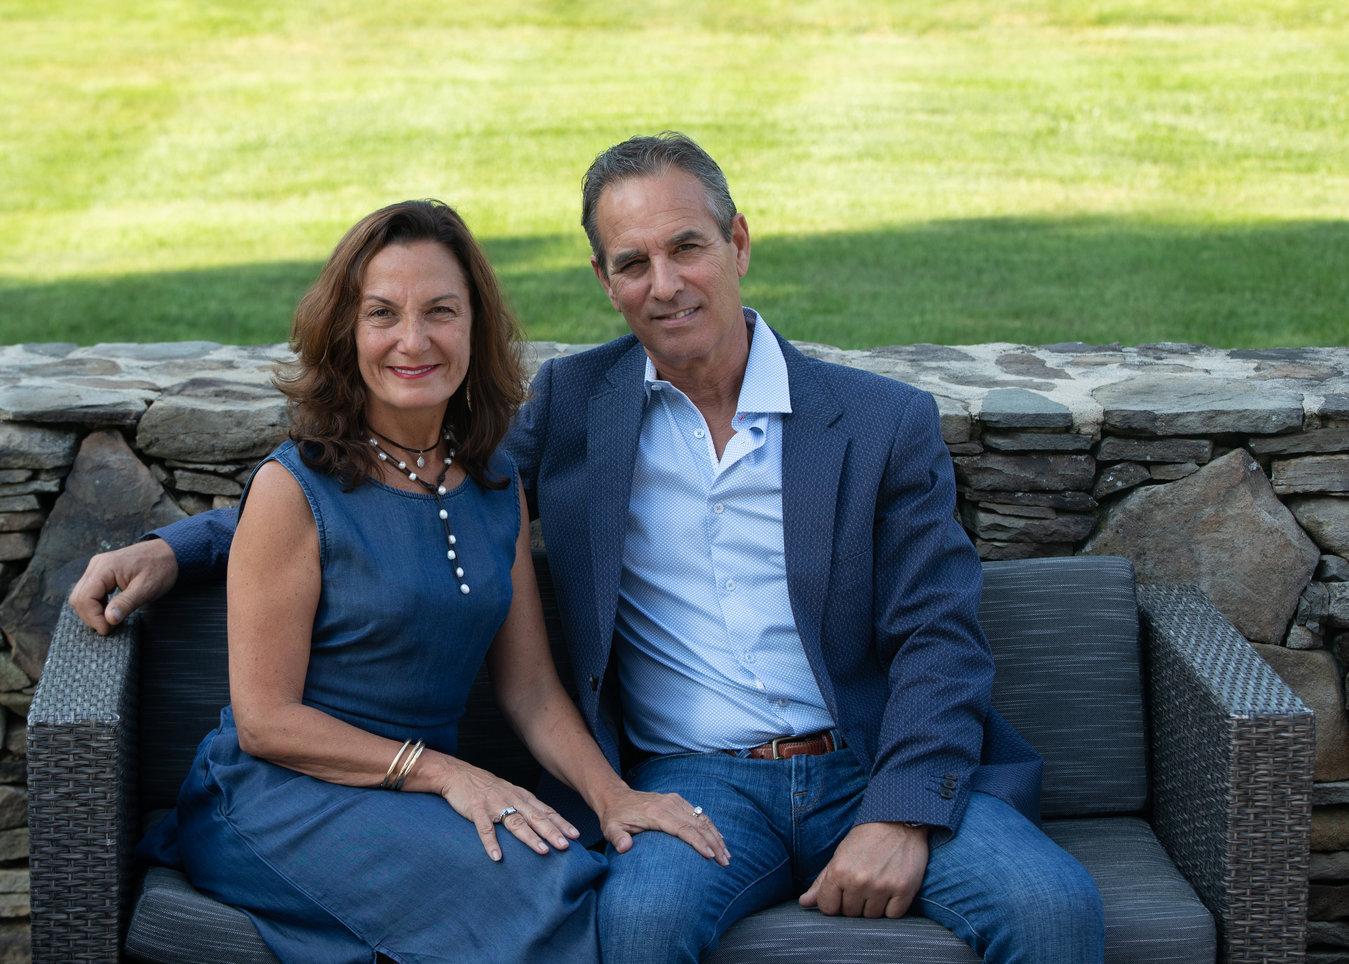 Kate Teixeira & Ed Sanchas, Keys to Ease Realtors